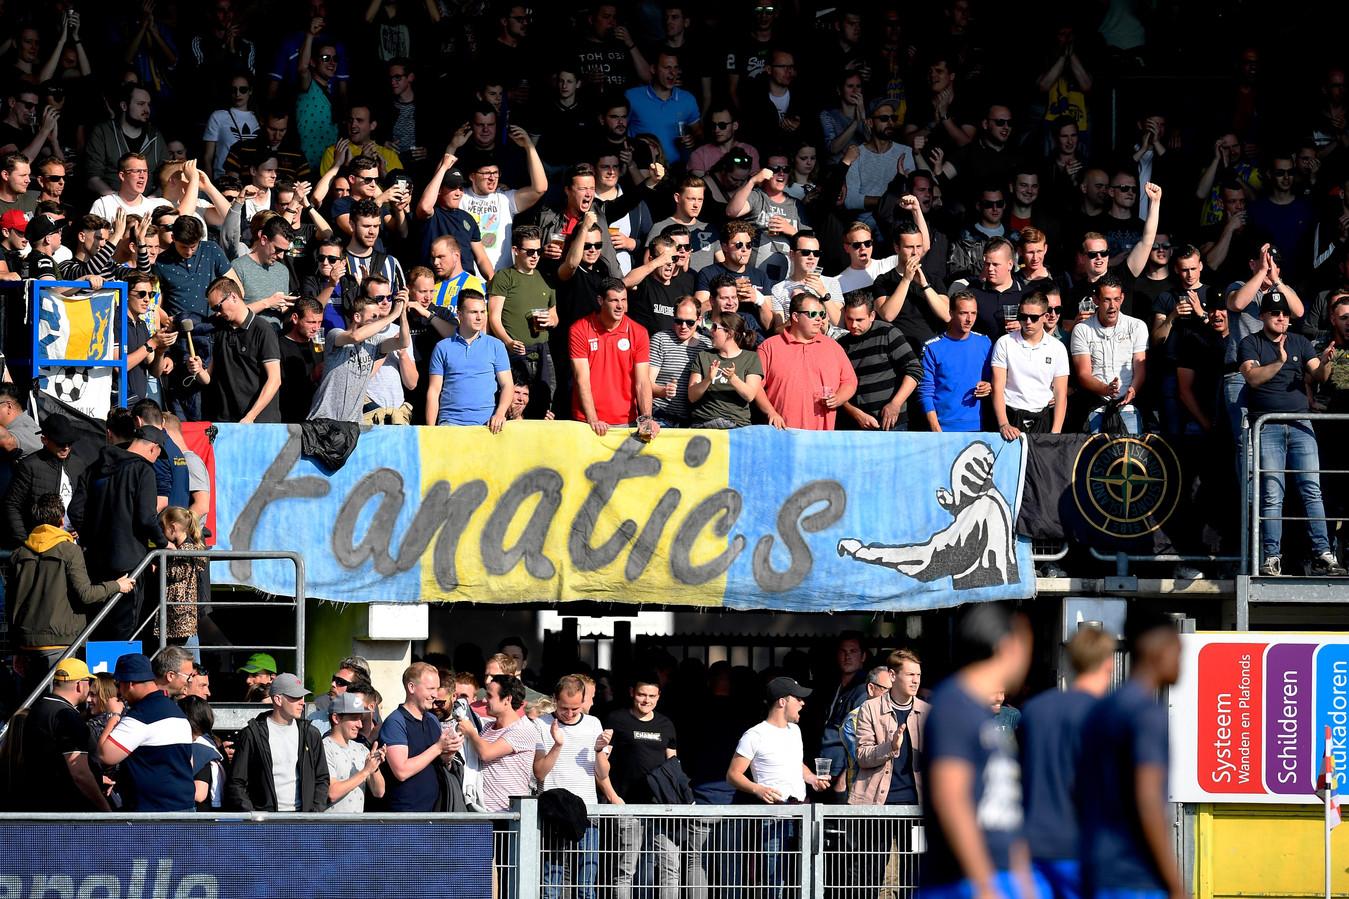 Supporters ovan RKC Waalwijk bij de wedstrijd RKC Waalwijk - Go Ahead Eagles Nederland.